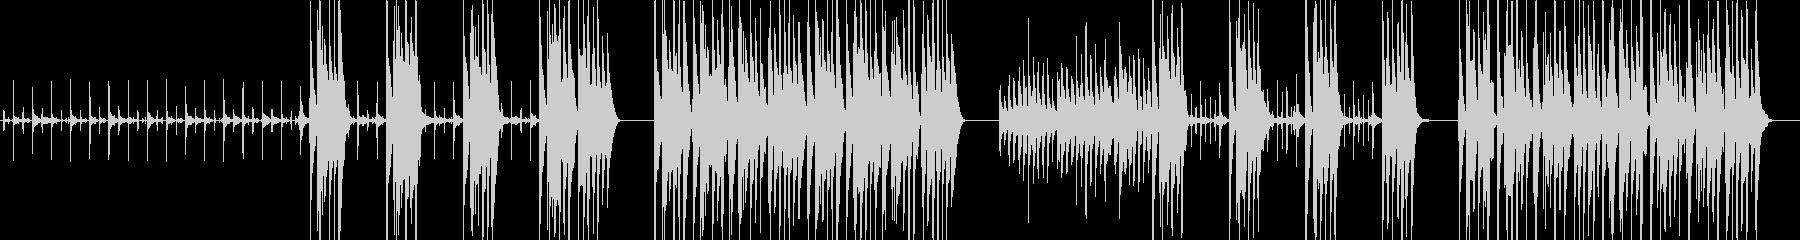 面白い映画オーケストラピチカート音楽の未再生の波形